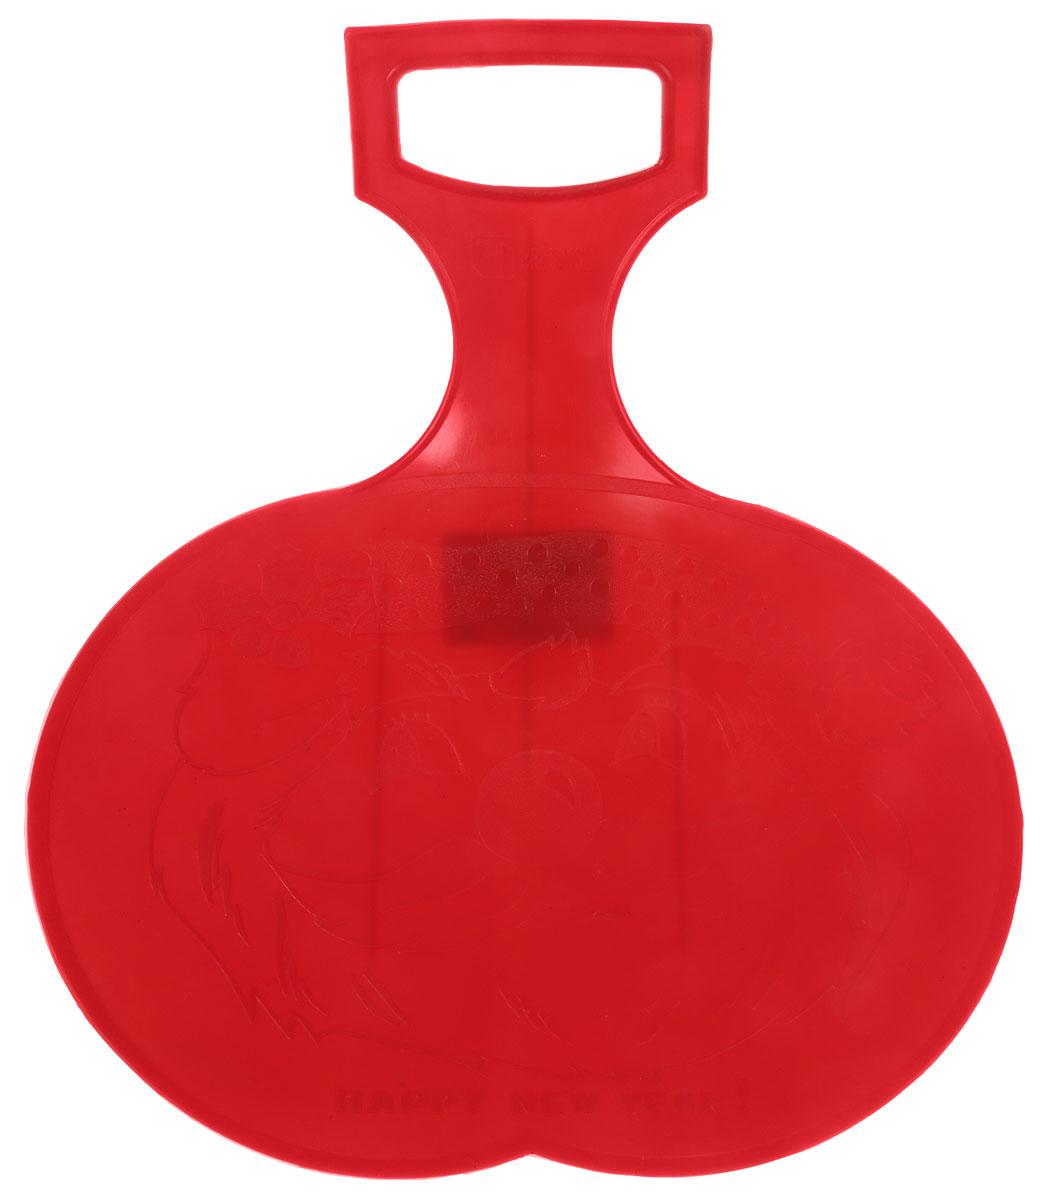 Санки-ледянки Престиж, цвет: красный, 38 х 32 см336890Любимая детская зимняя забава - это катание с горки. Яркие санки-ледянки Престиж станут незаменимым атрибутом этой веселой детской игры. Санки-ледянки - это специальная пластиковая тарелка, облегчающая скольжение и увеличивающая скорость движения по горке. Ледянка выполнена из прочного гибкого пластика и снабжена ручкой для транспортировки. Конфигурация санок позволяет удобно сидеть и развивать лучшую скорость. Благодаря малому весу ледянку, в отличие от обычных санок, легко нести с собой даже ребенку.